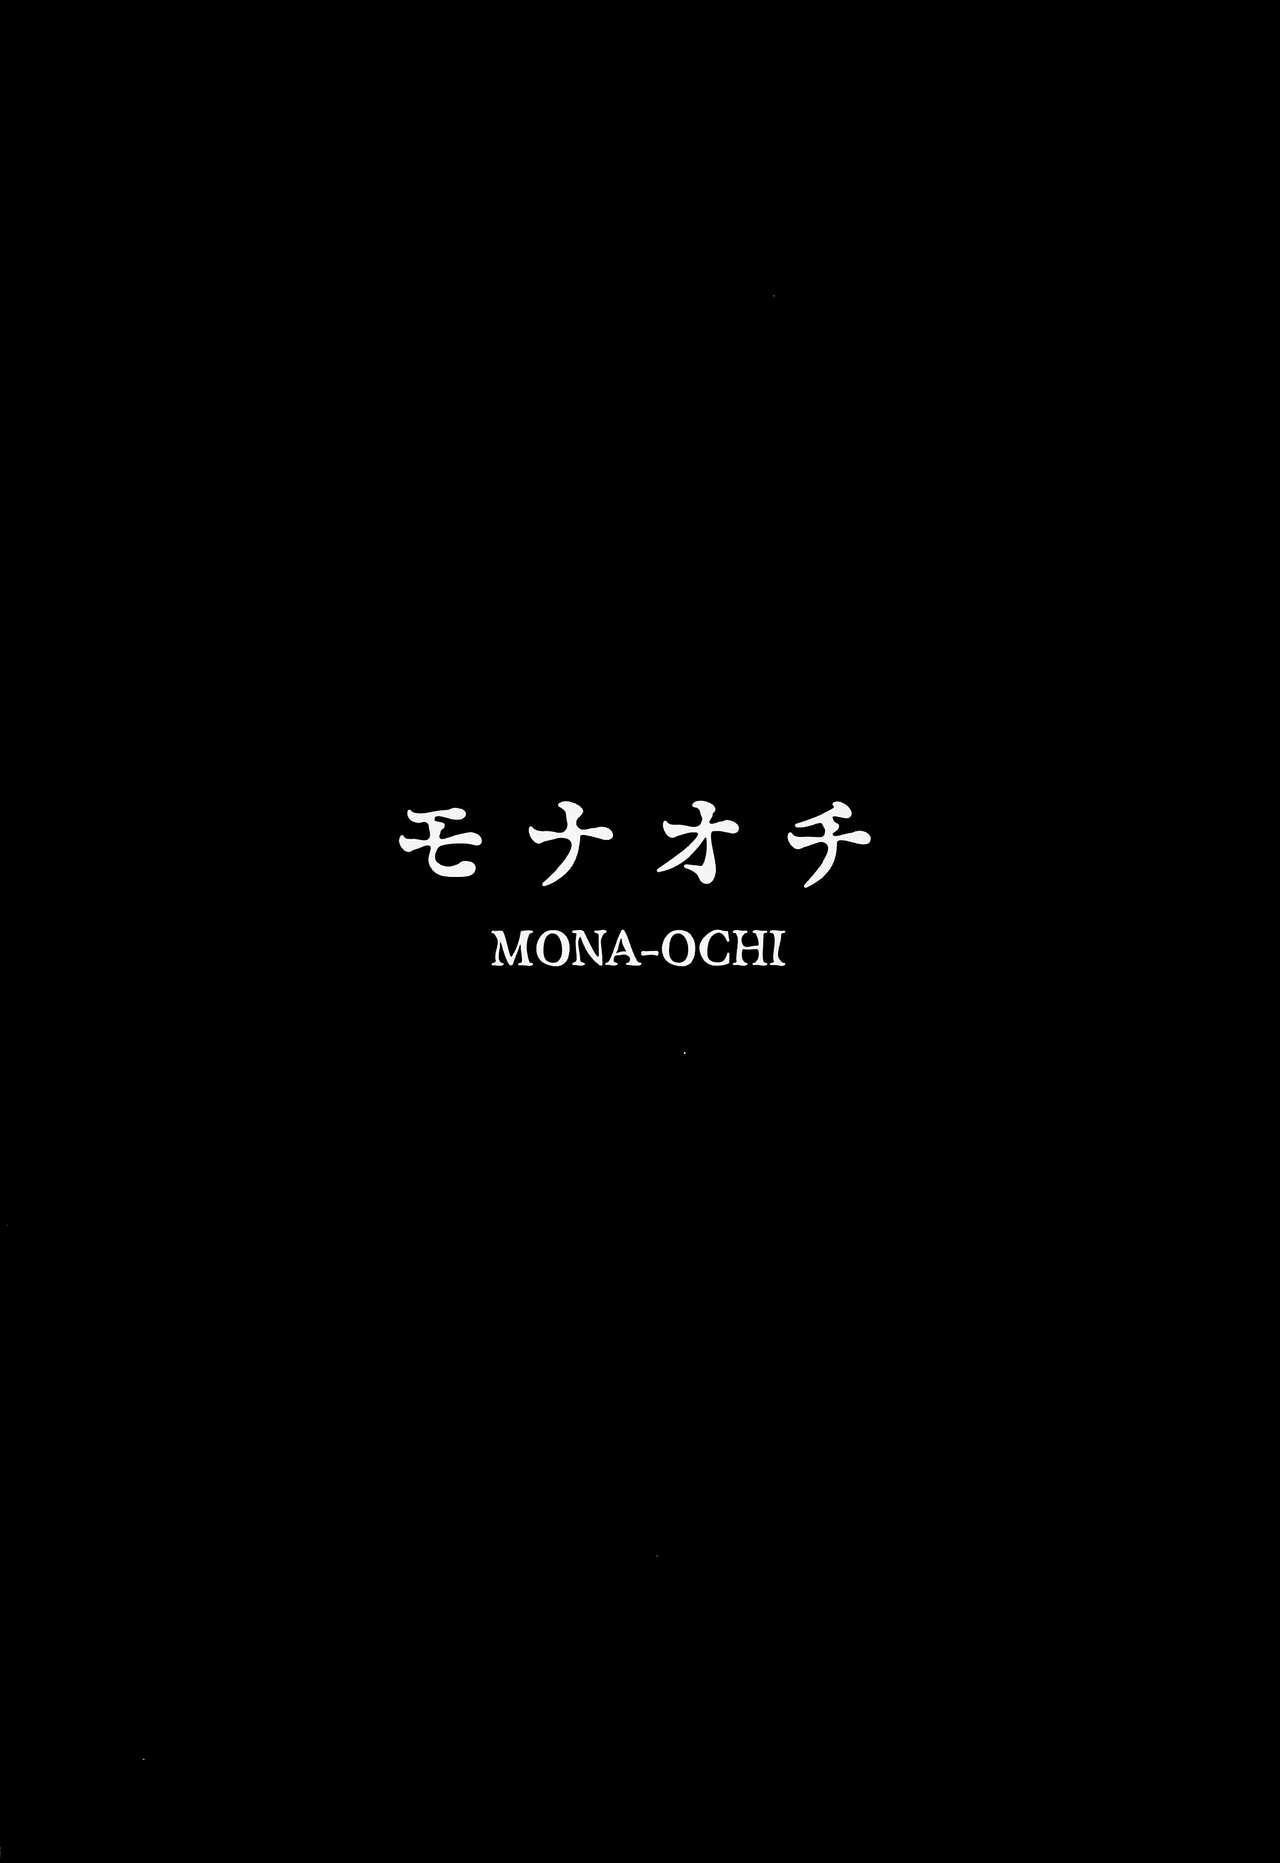 MONA-OCHI   The Fall of Mona 1